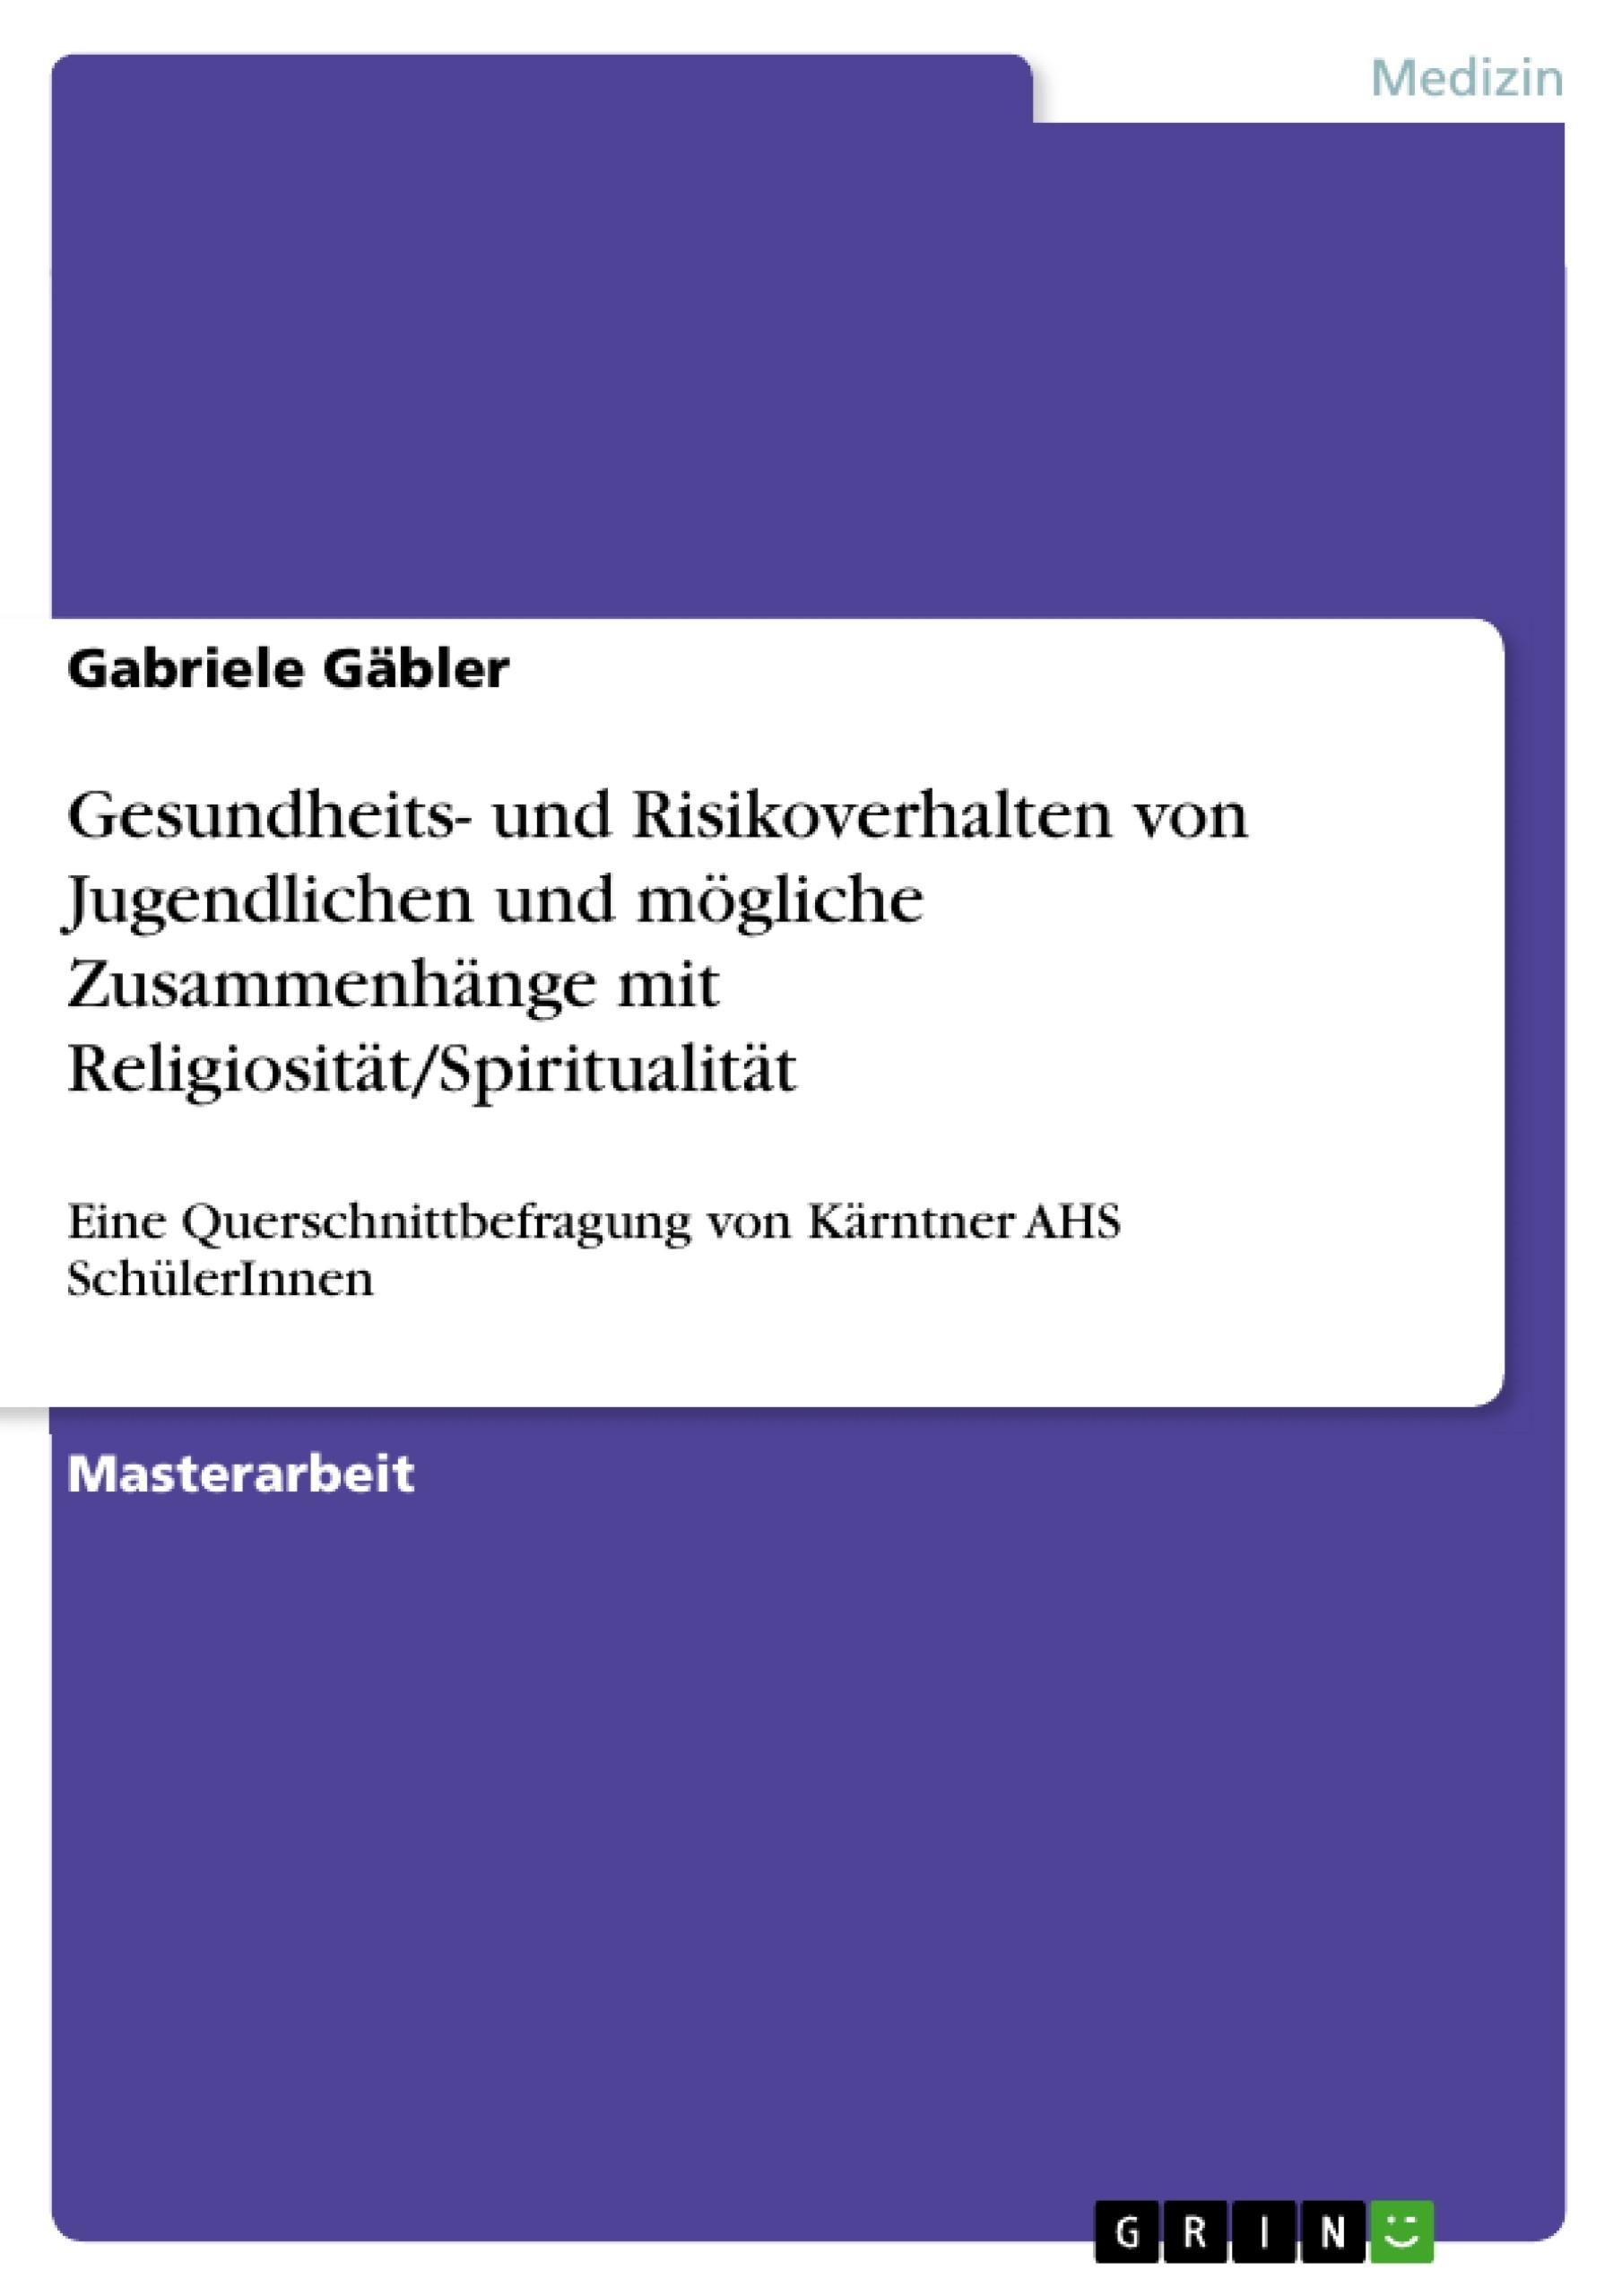 Titel: Zum Gesundheits- und Risikoverhalten von Jugendlichen und möglichen Zusammenhängen zwischen verhaltensbezogenen Lebensstilfaktoren und Religiosität/Spiritualität